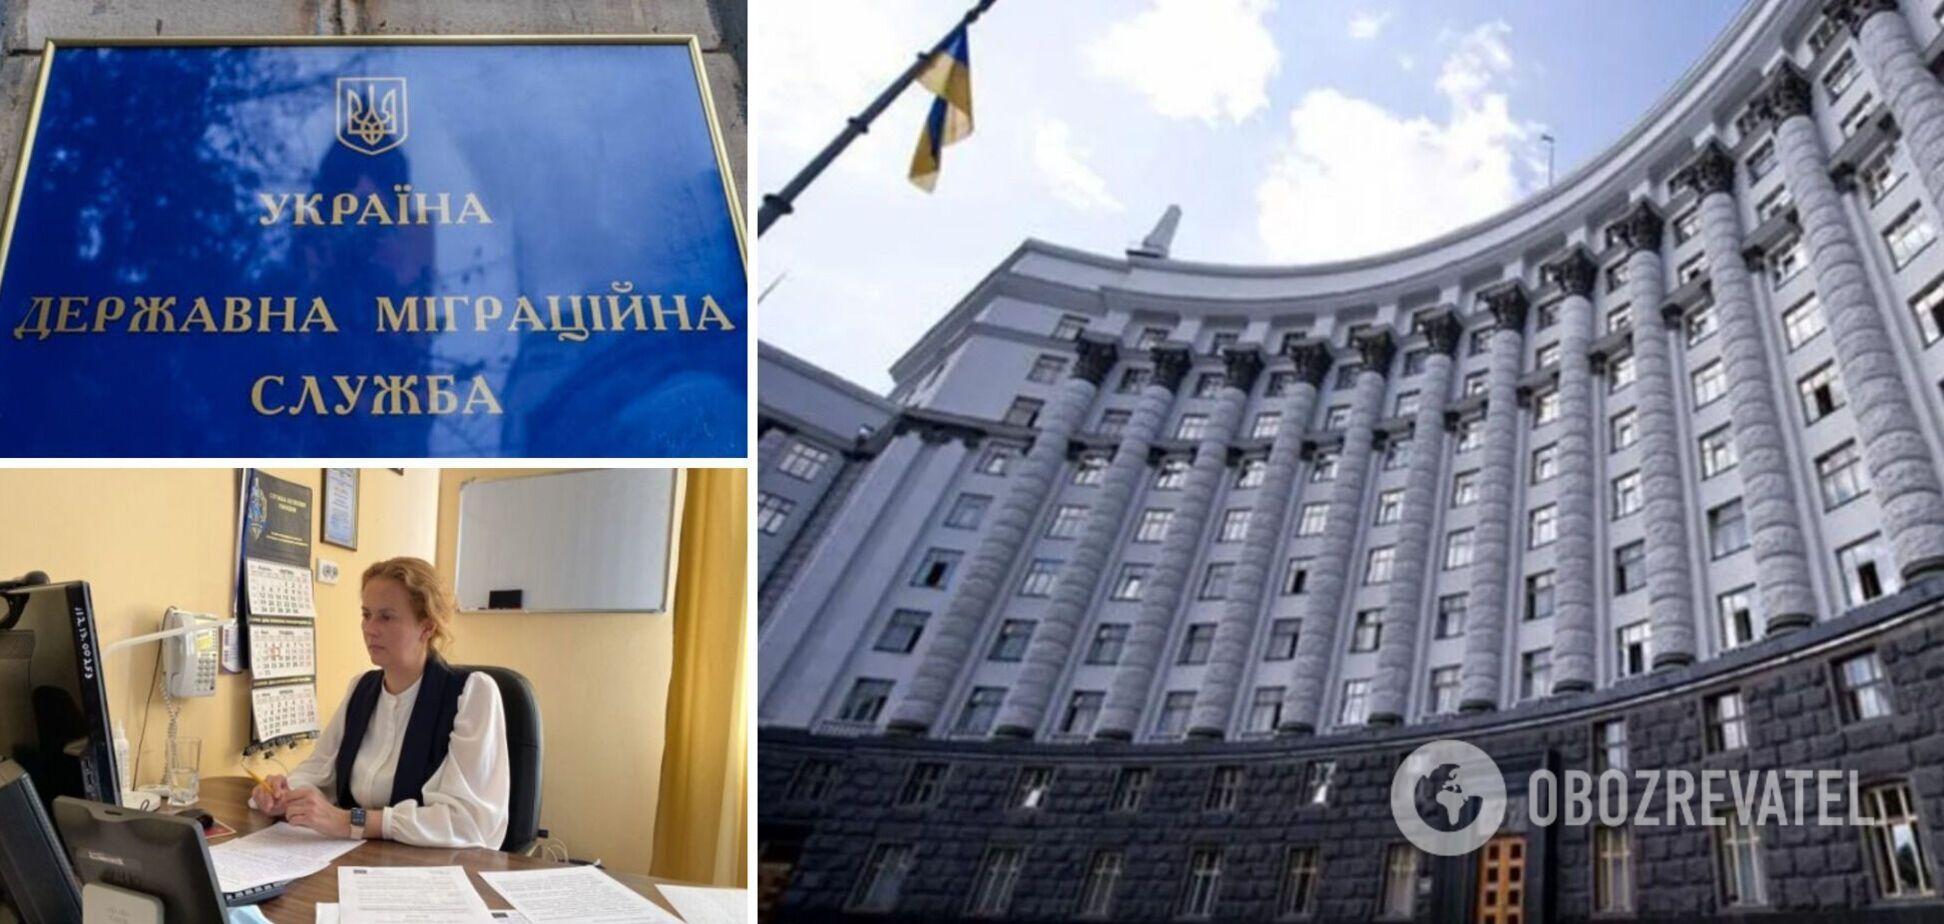 Кабмін призначив голову Державної міграційної служби: фото і біографія